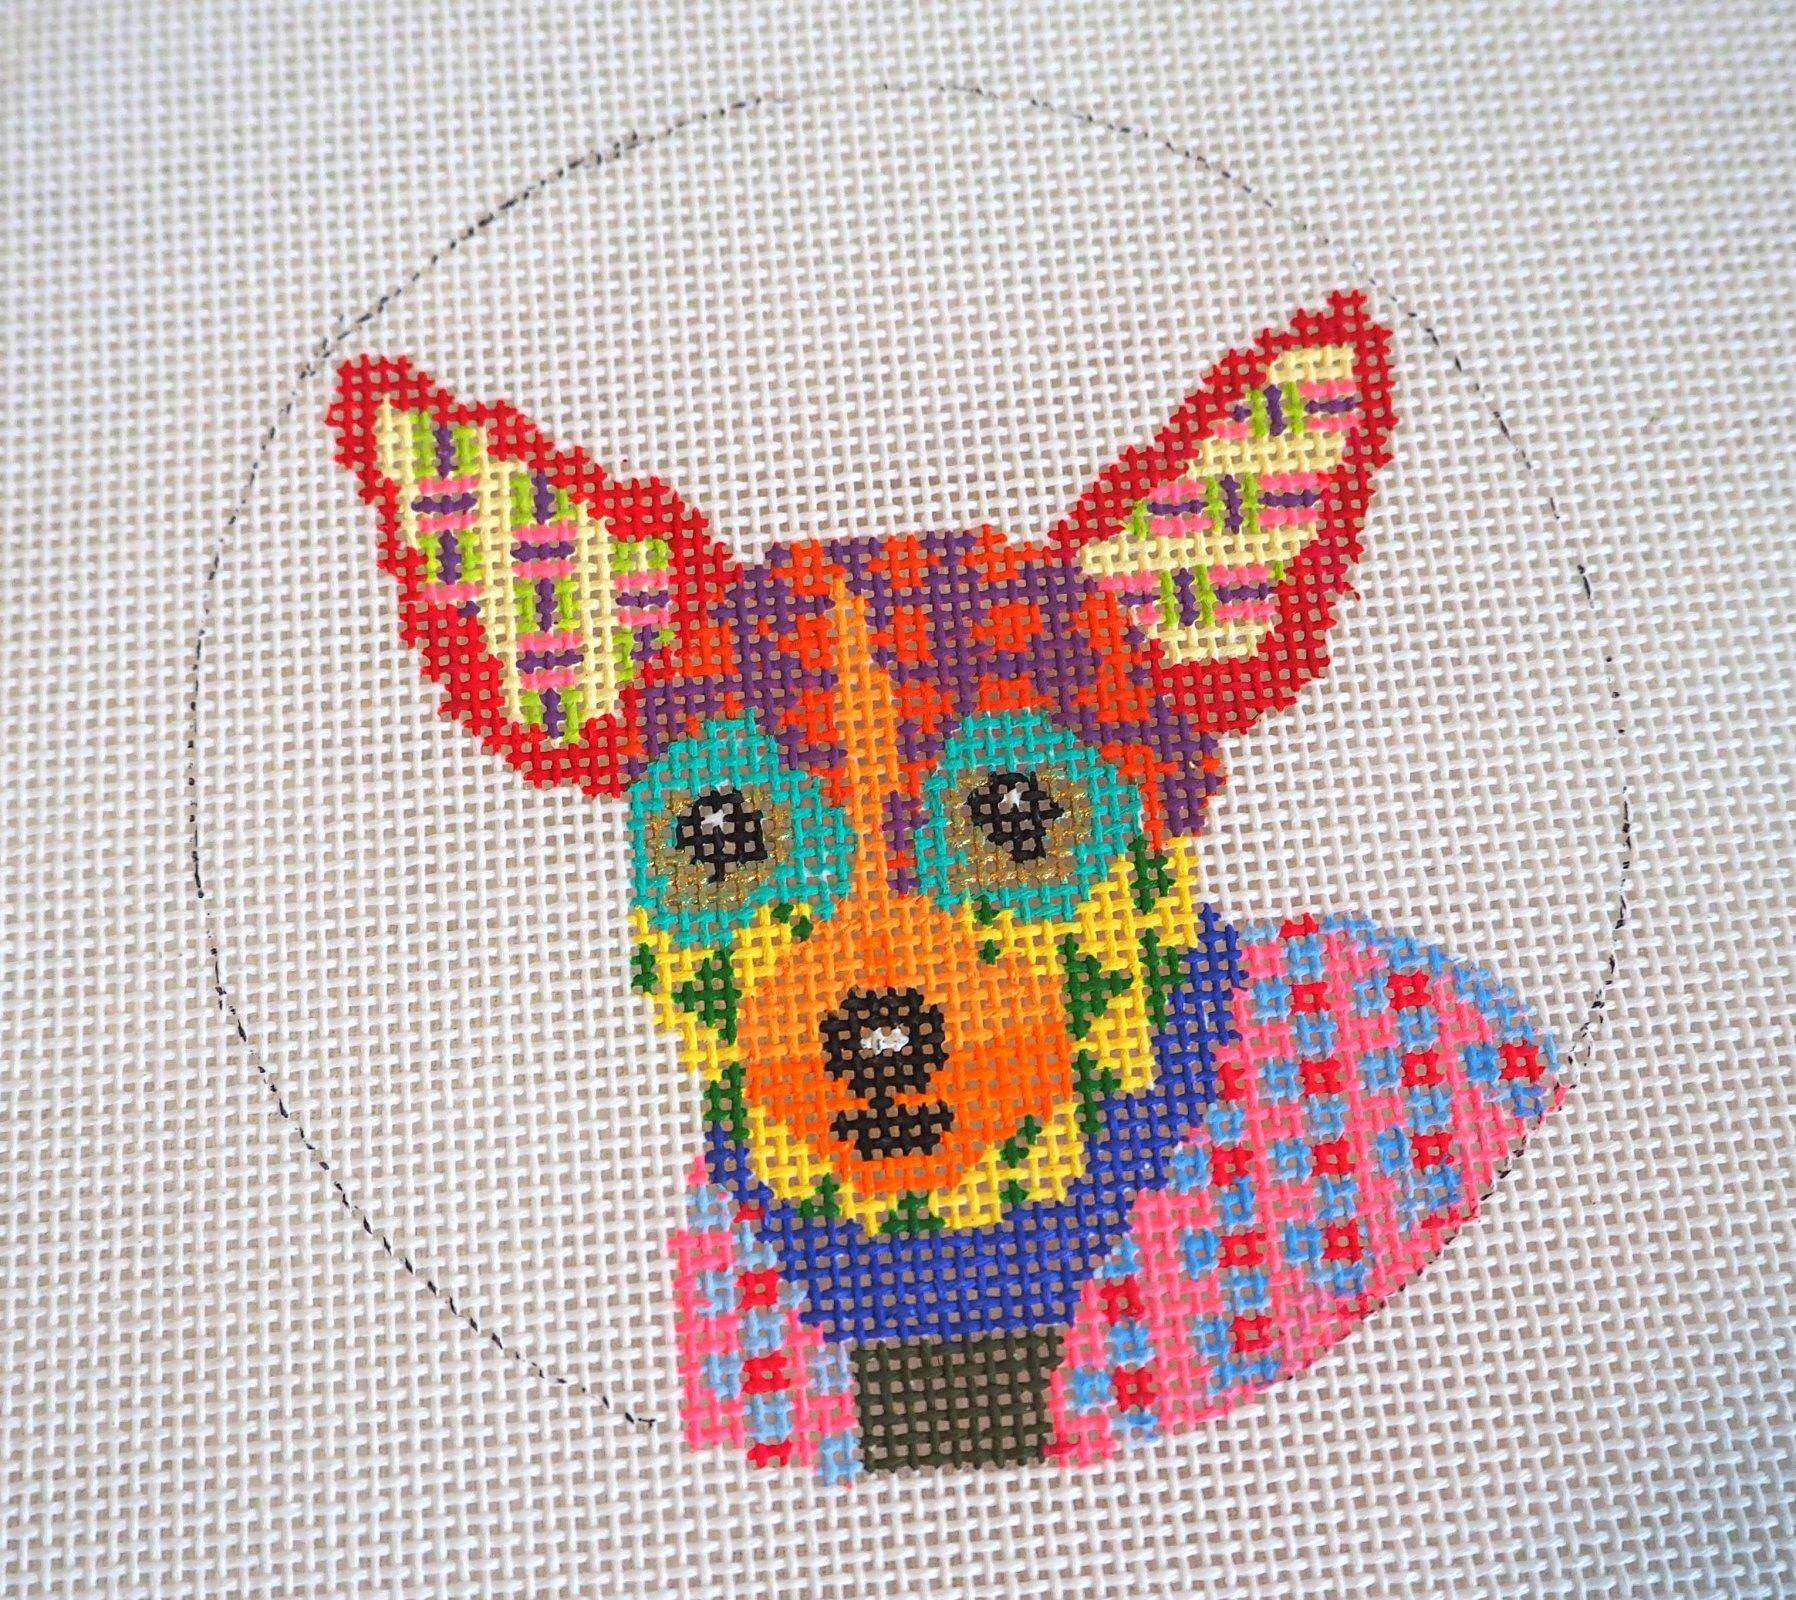 Chihuahua Needlepoint 244K